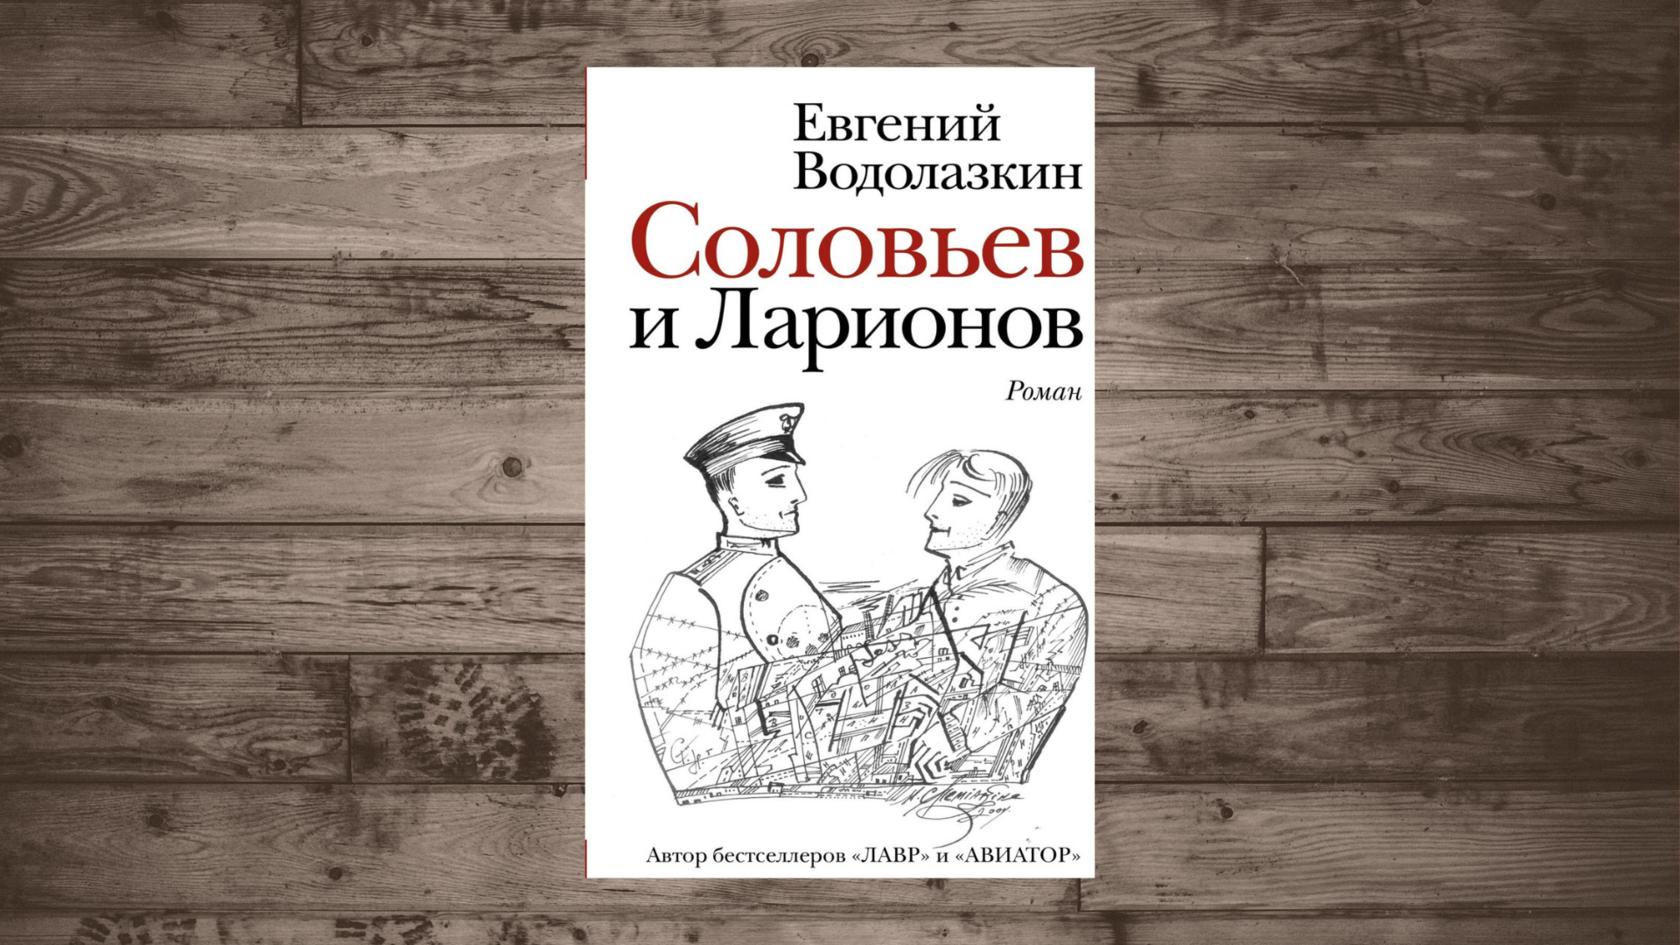 Купить книгу Евгений Водолазкин «Соловьев и Ларионов»